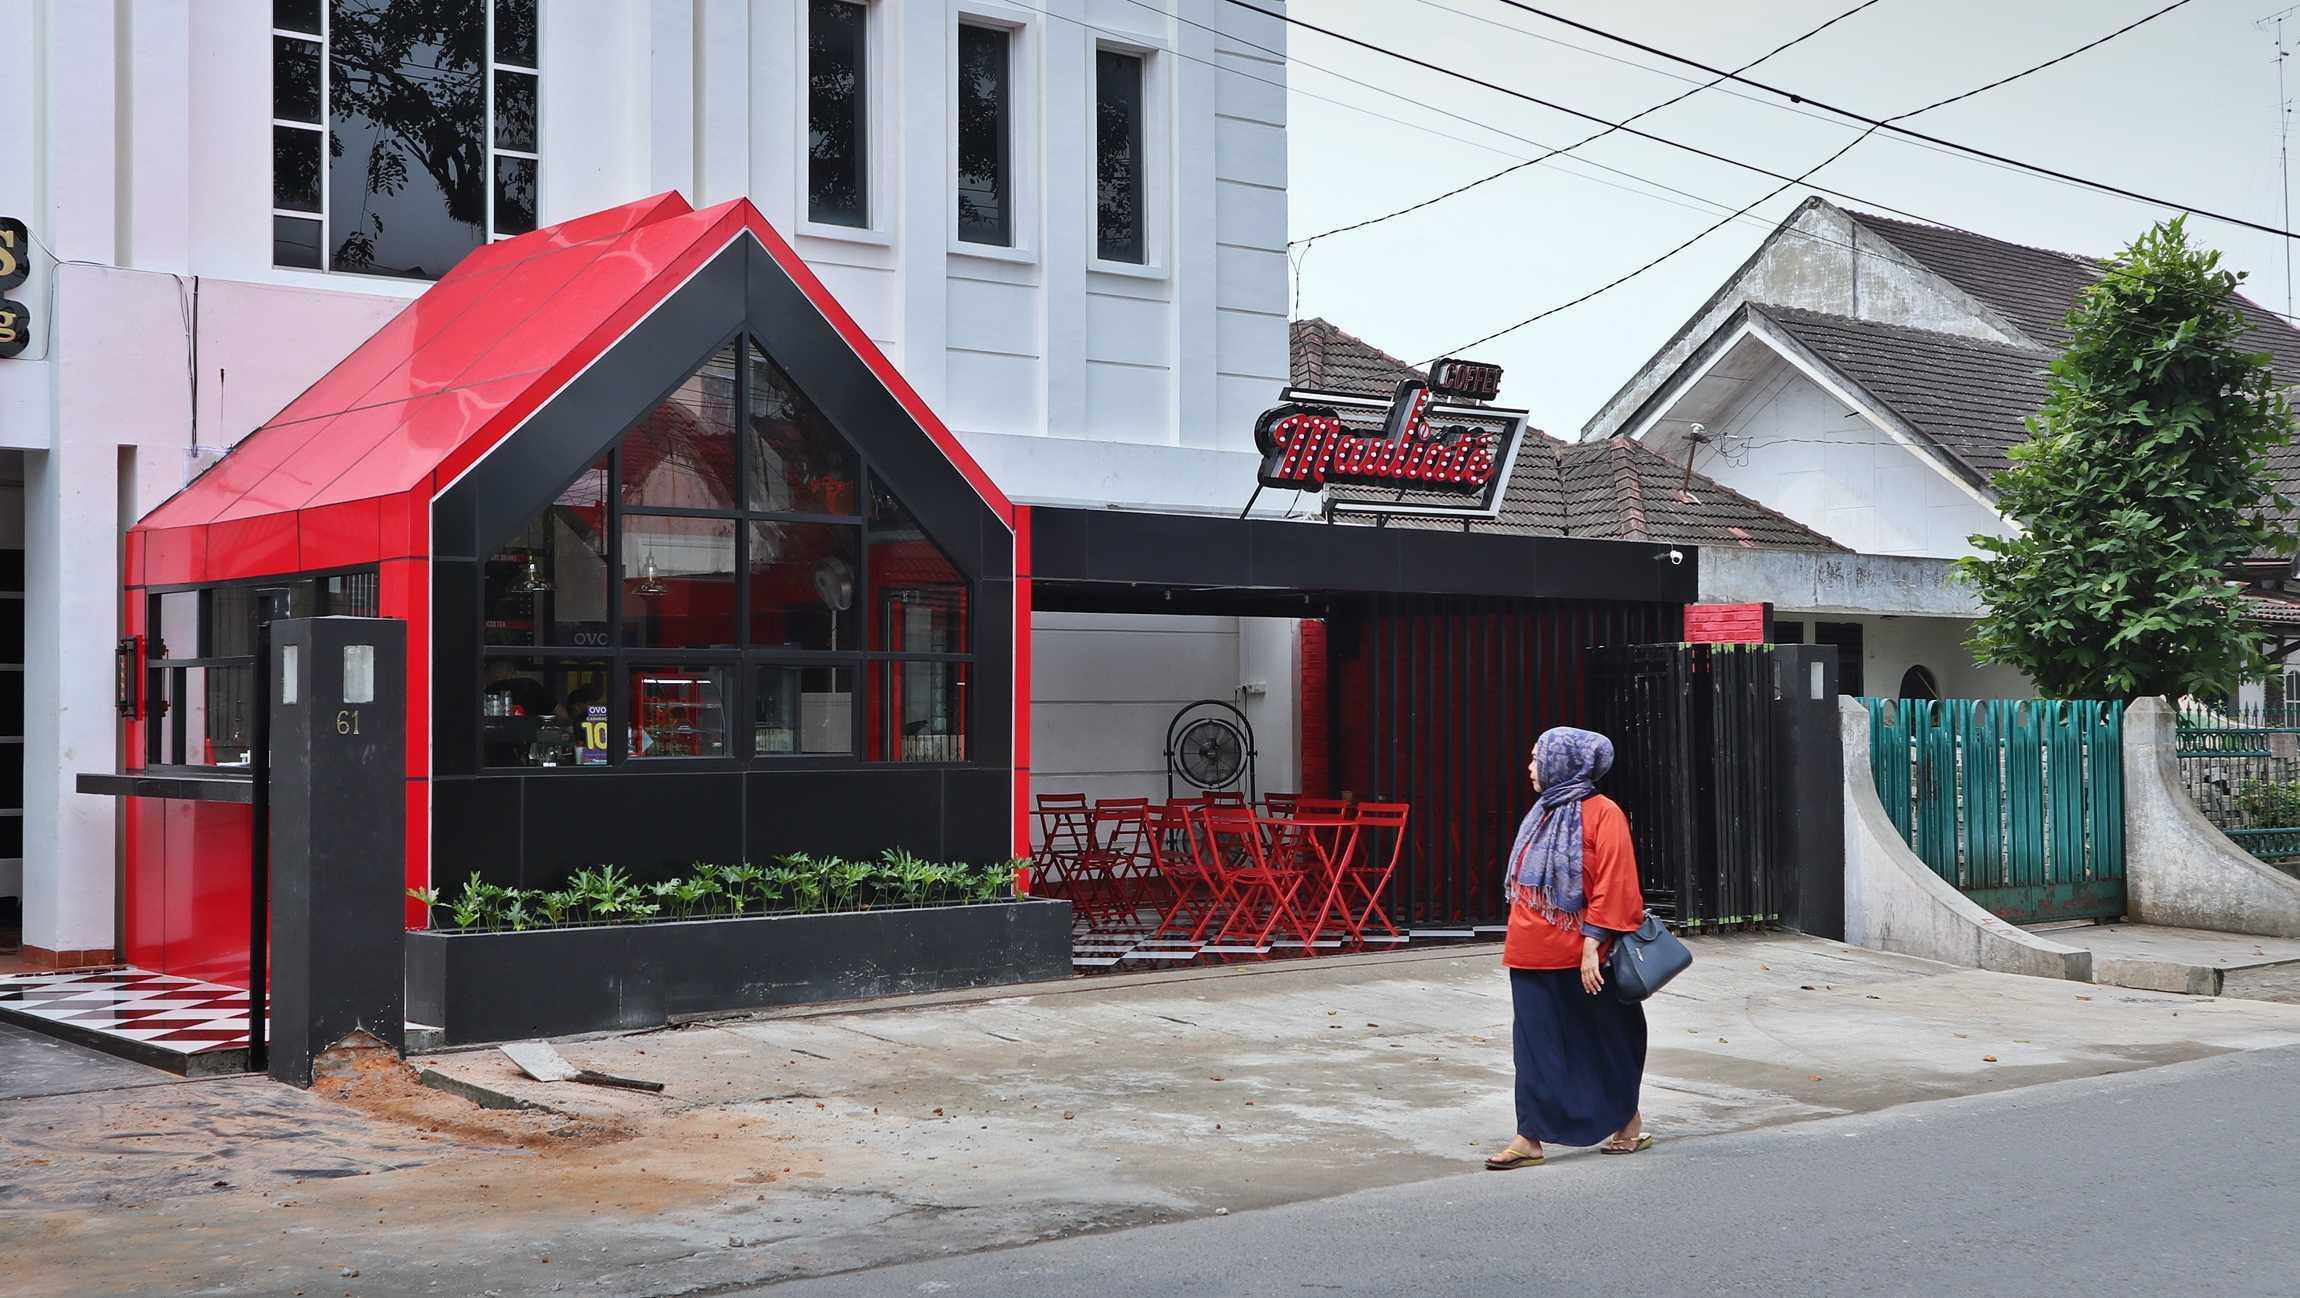 Bd Studio Mauliate Coffee Medan, Kota Medan, Sumatera Utara, Indonesia Medan, Kota Medan, Sumatera Utara, Indonesia Bd-Studio-Mauliate-Coffee   82206